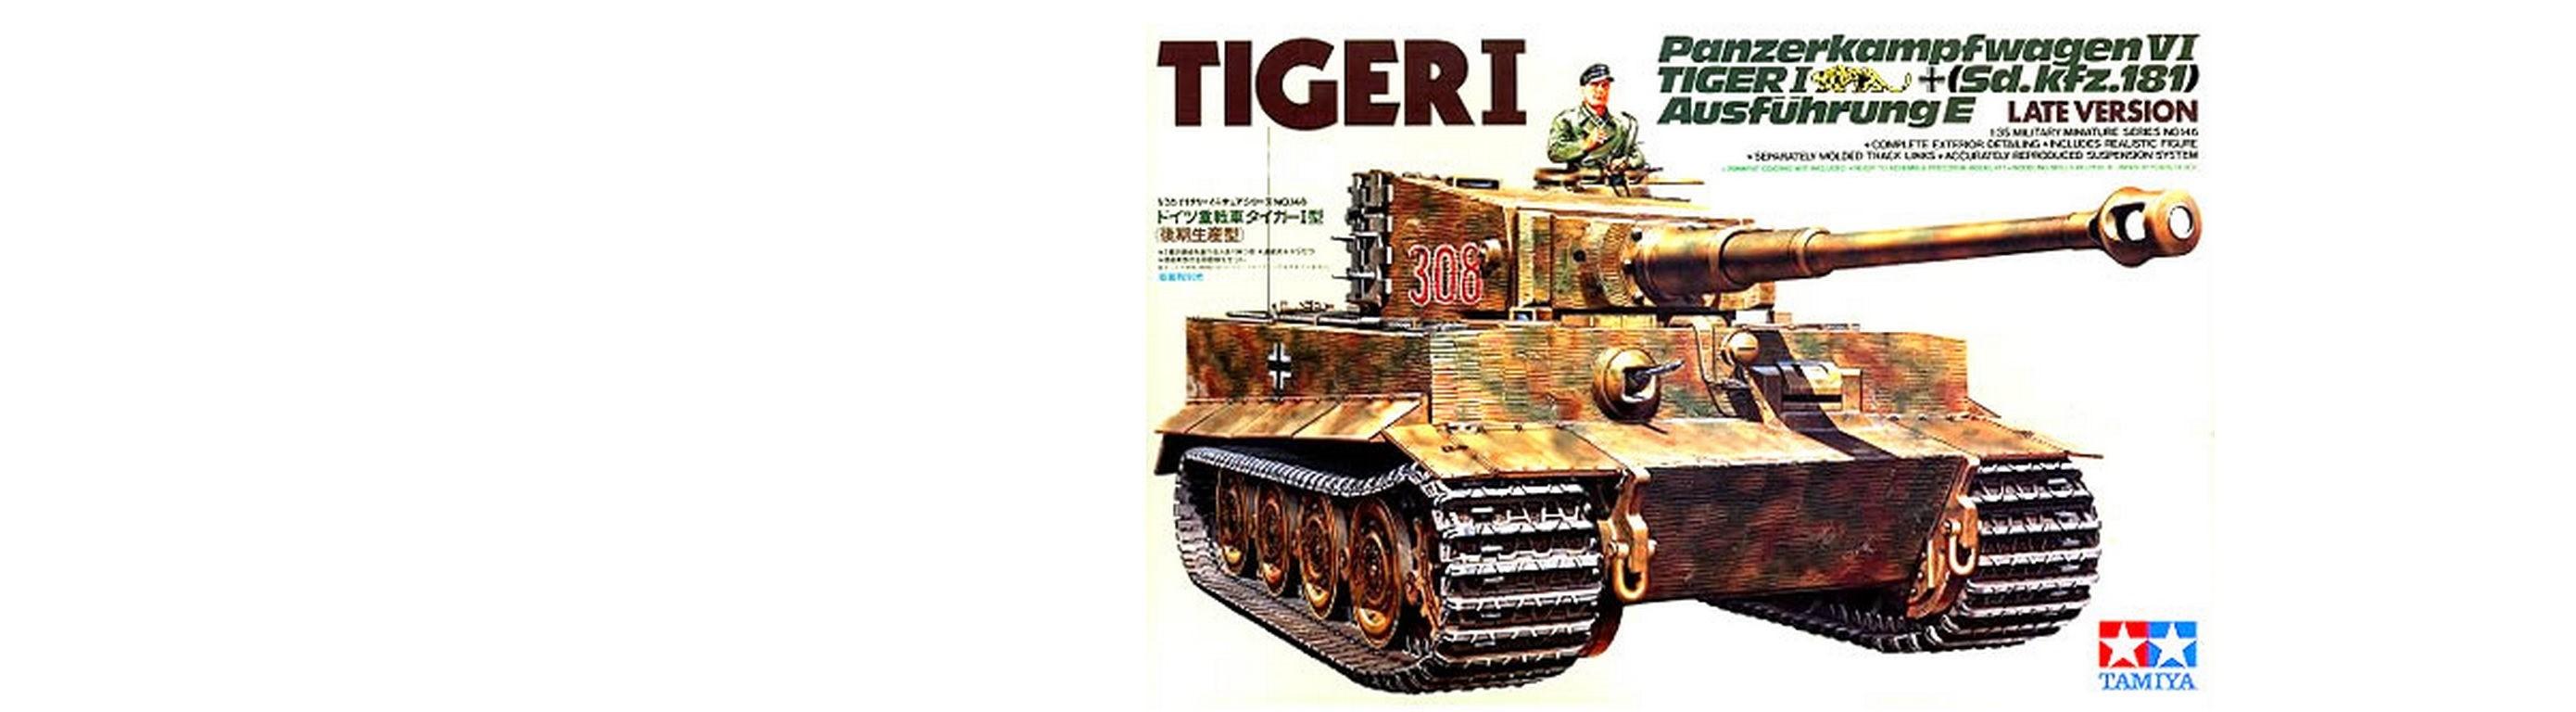 TIGER I Ultima Versione